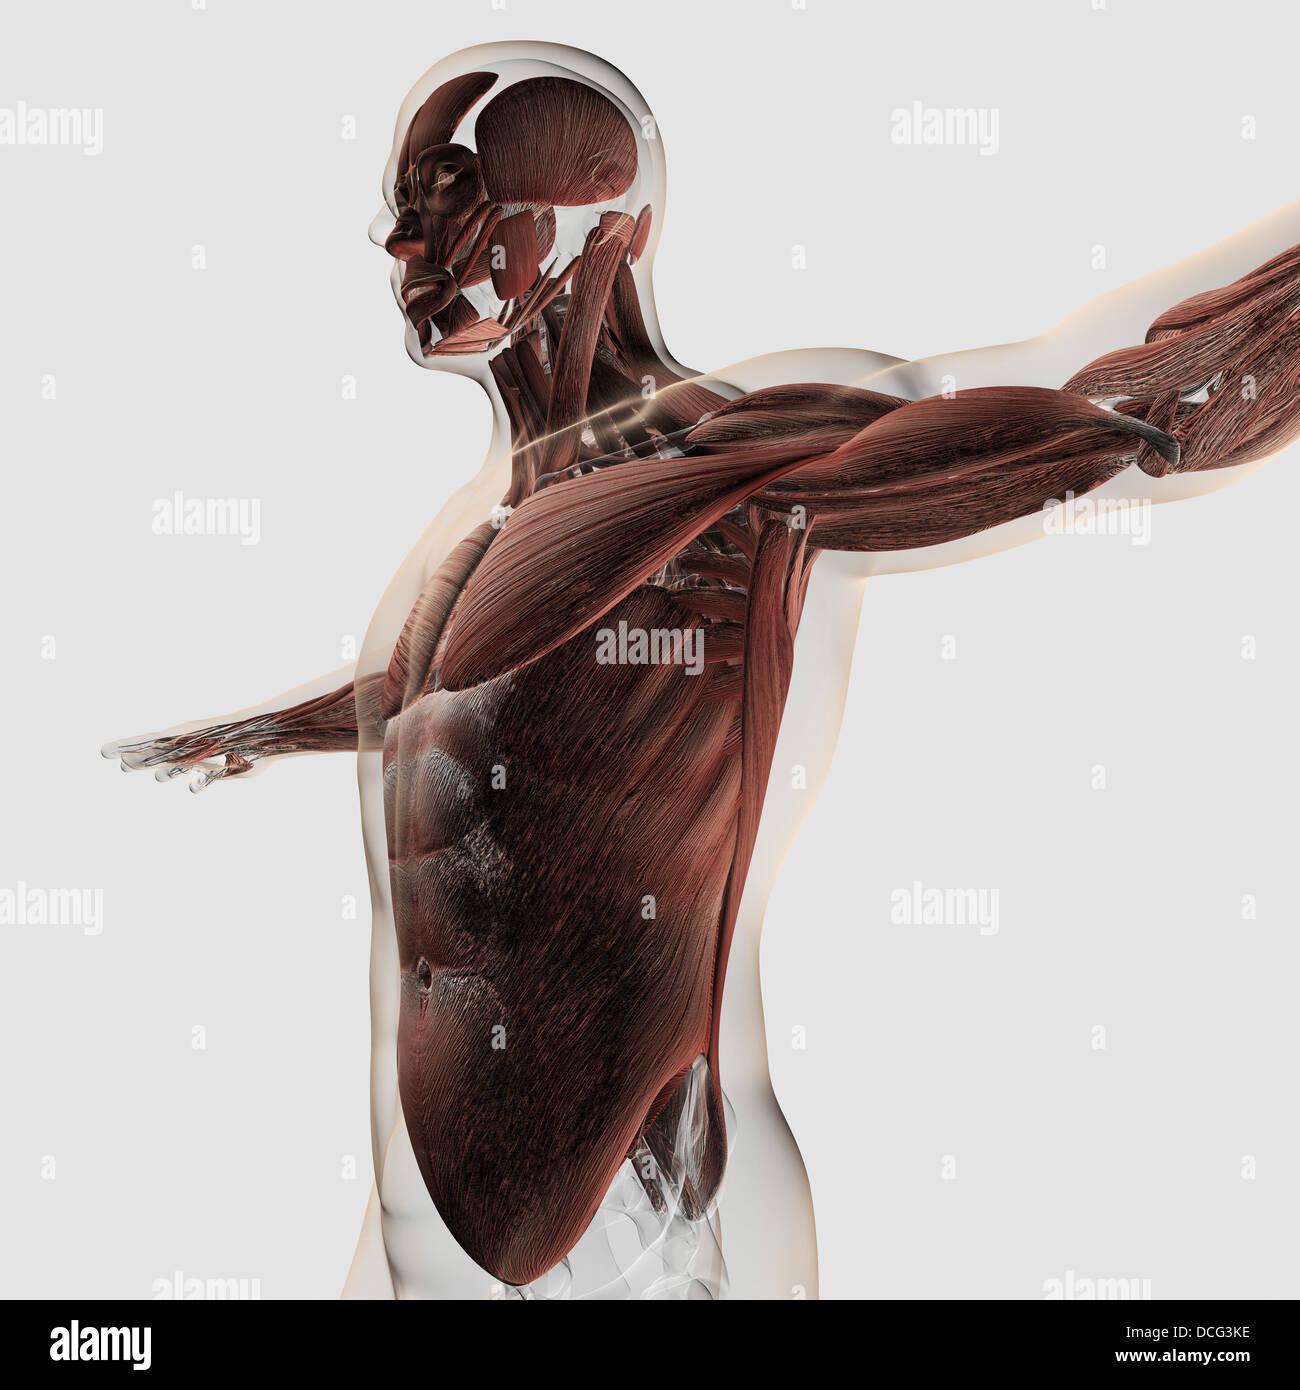 Anatomie des muscles masculins en haut du corps, vue de côté. Photo Stock